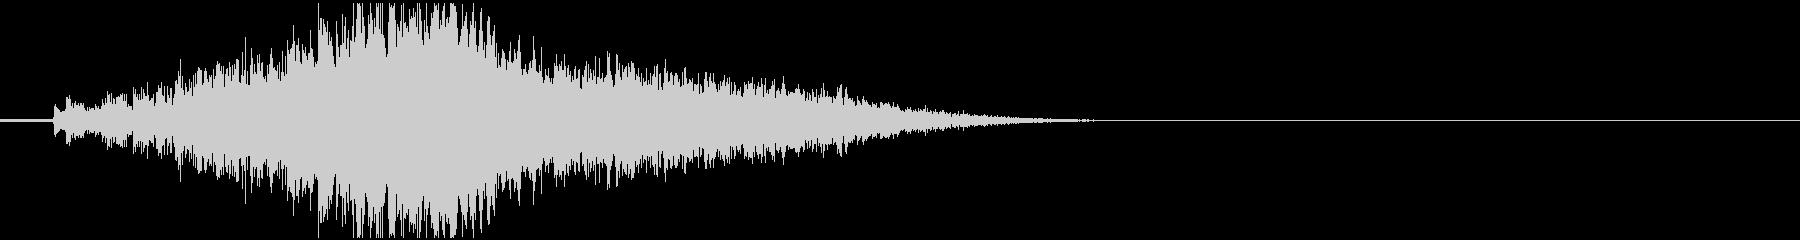 ピアノ効果音 アルペジオ2の未再生の波形